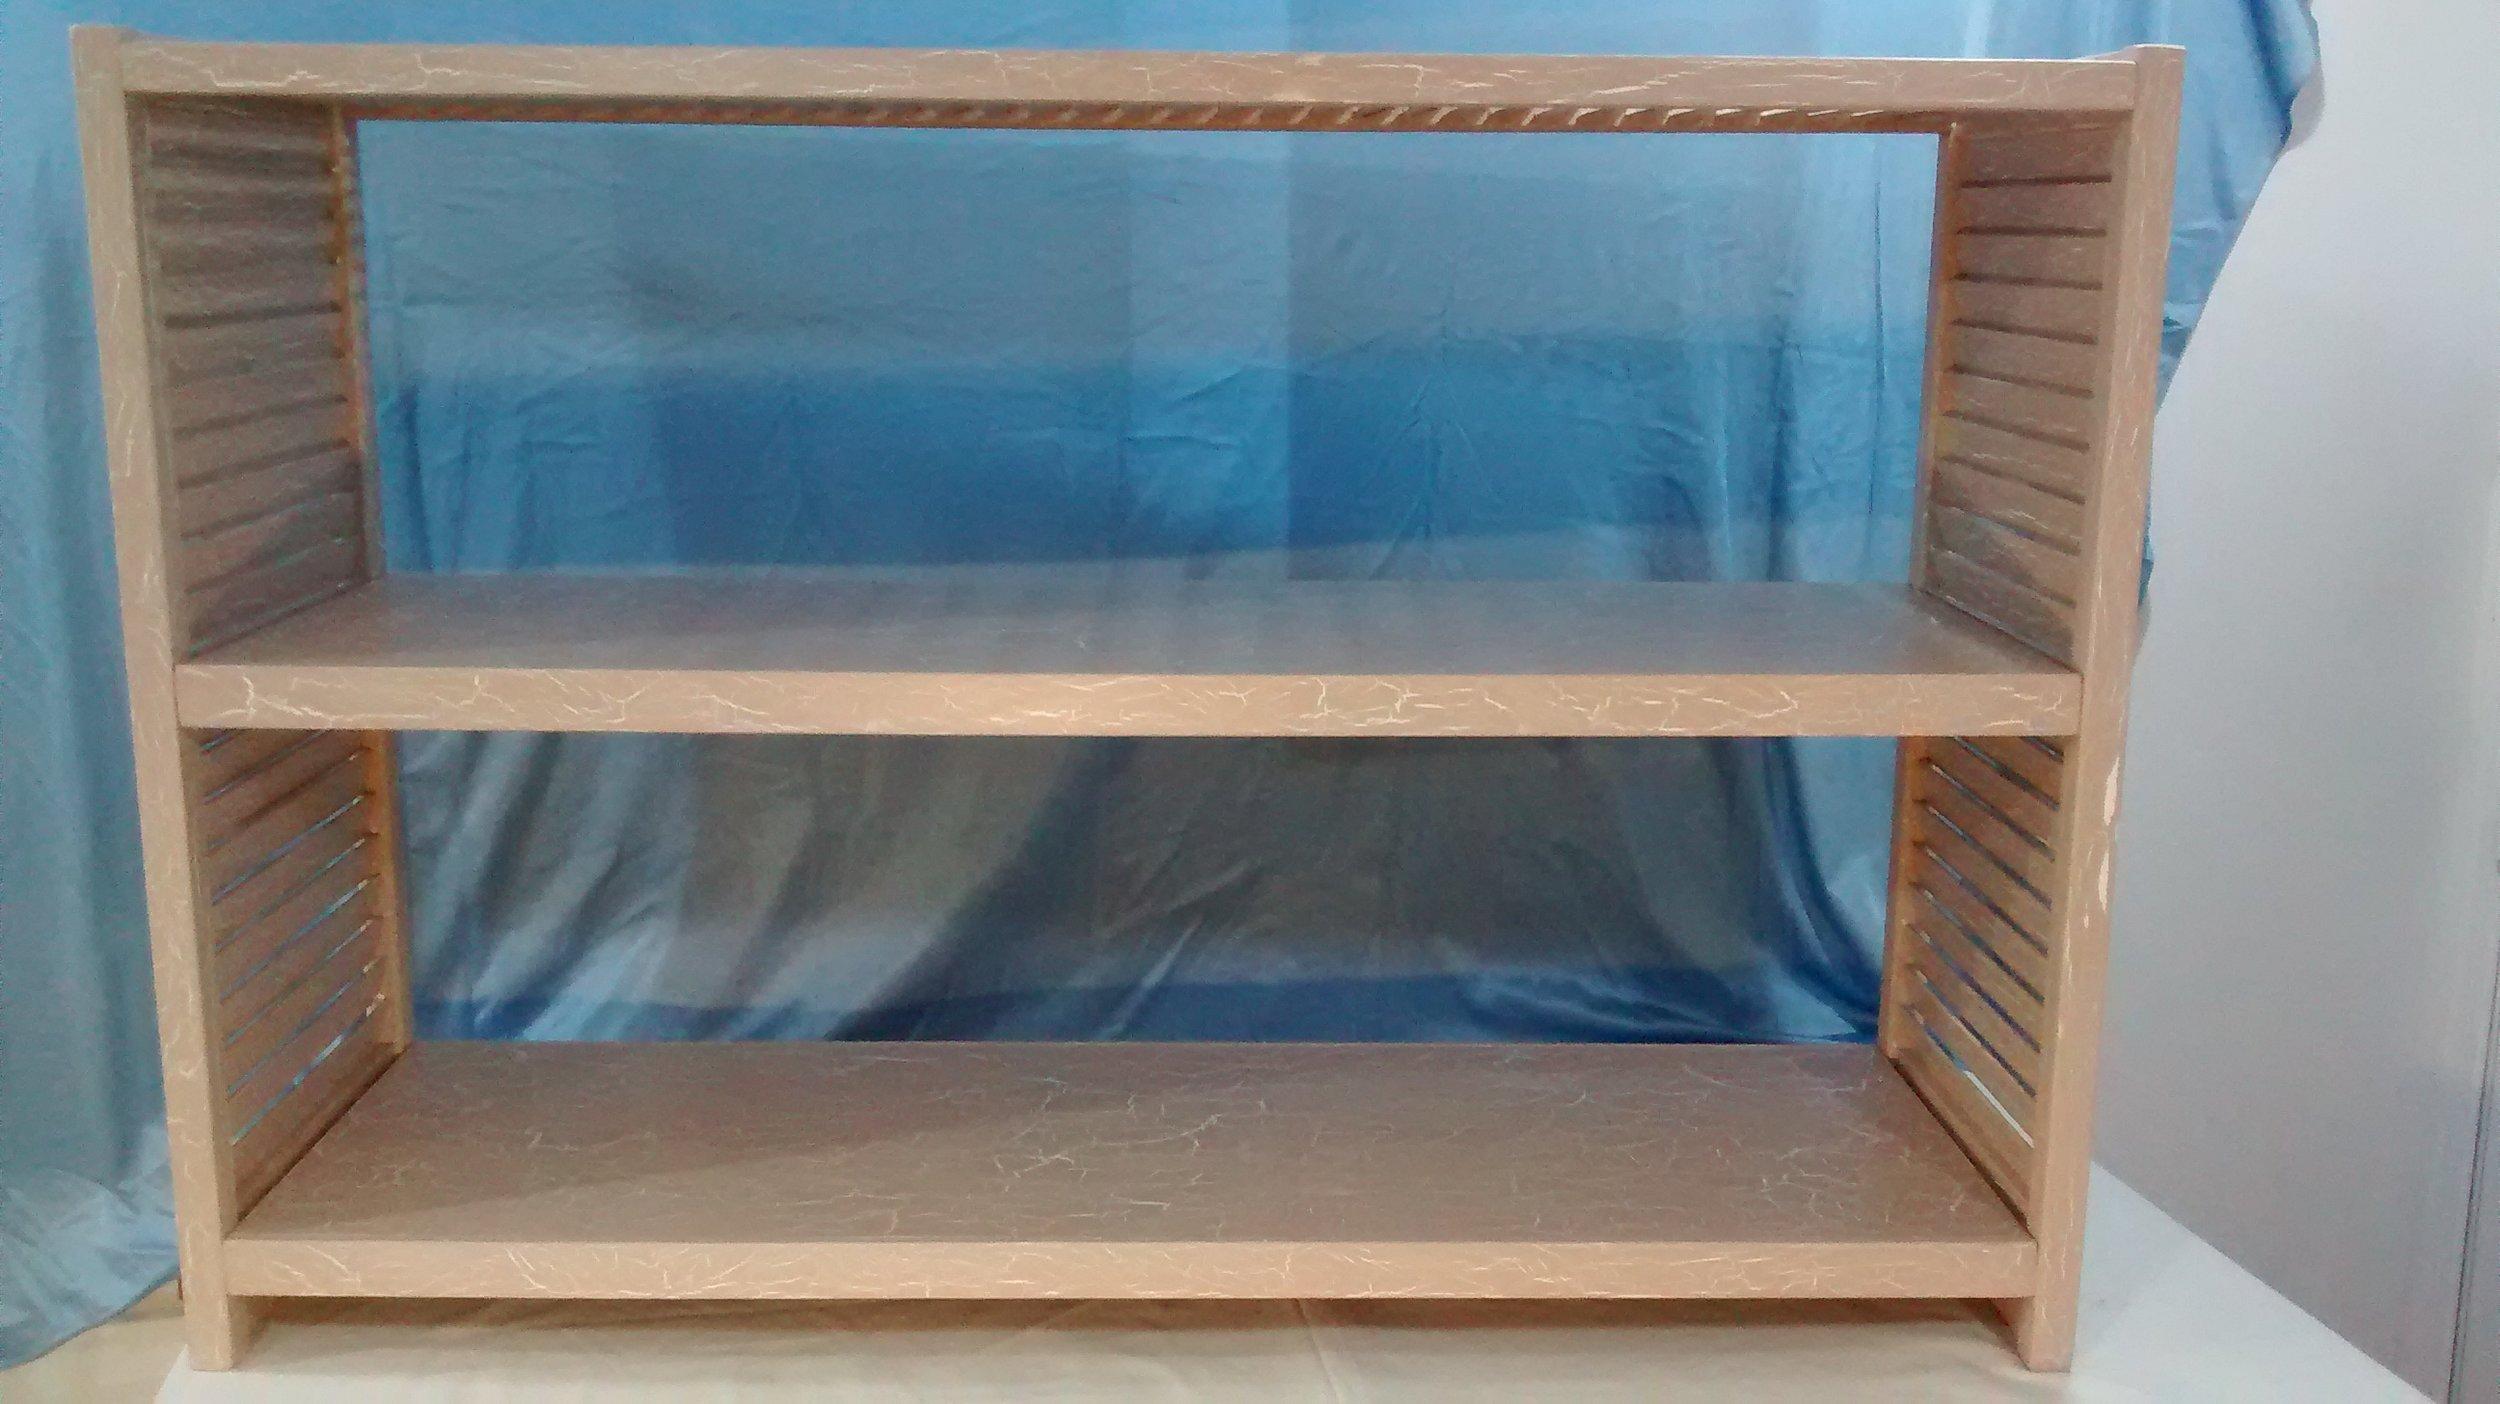 Salvaged Shutter Shelves #1